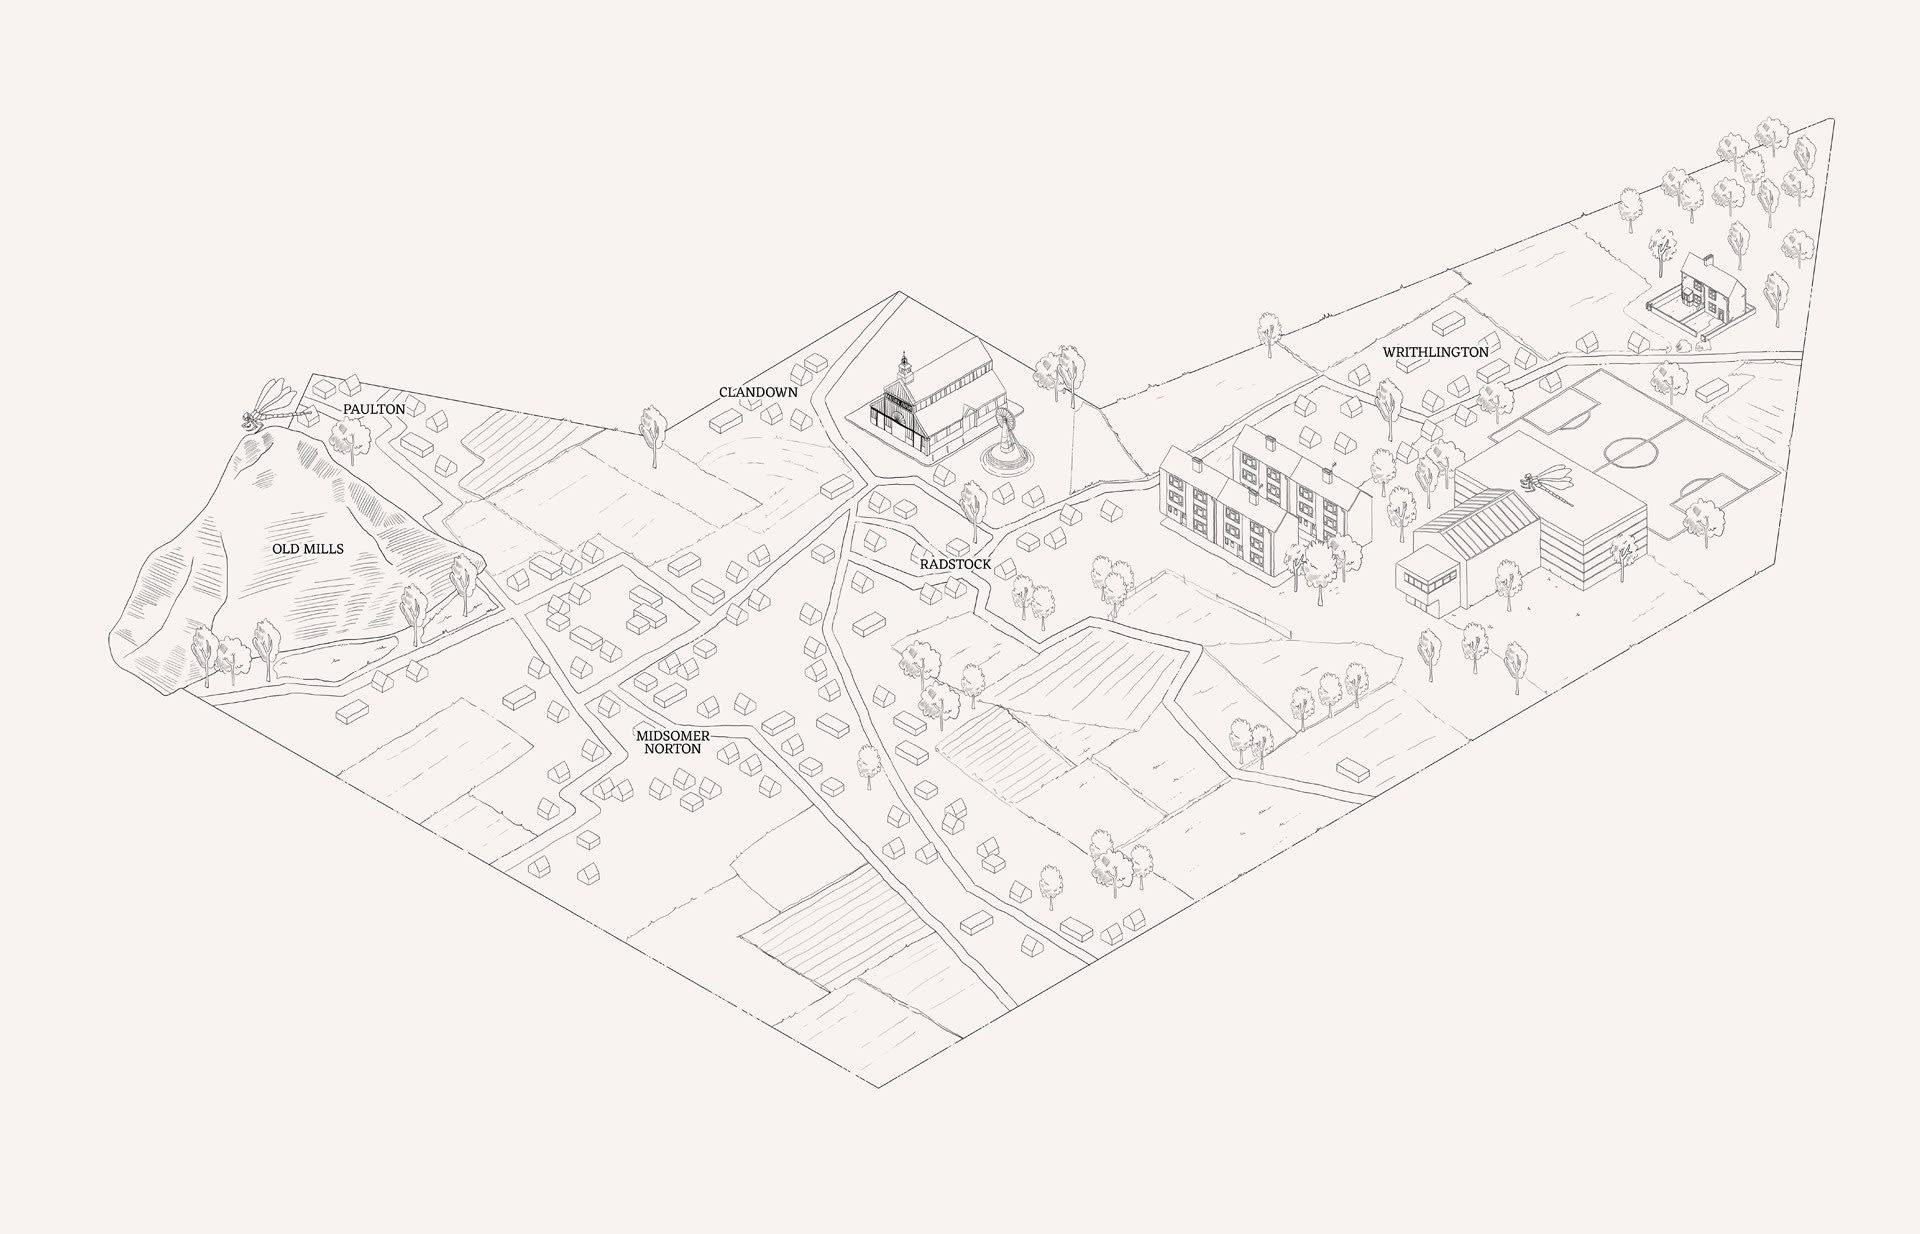 North Somerset Map by Juliette Coquet, 2020